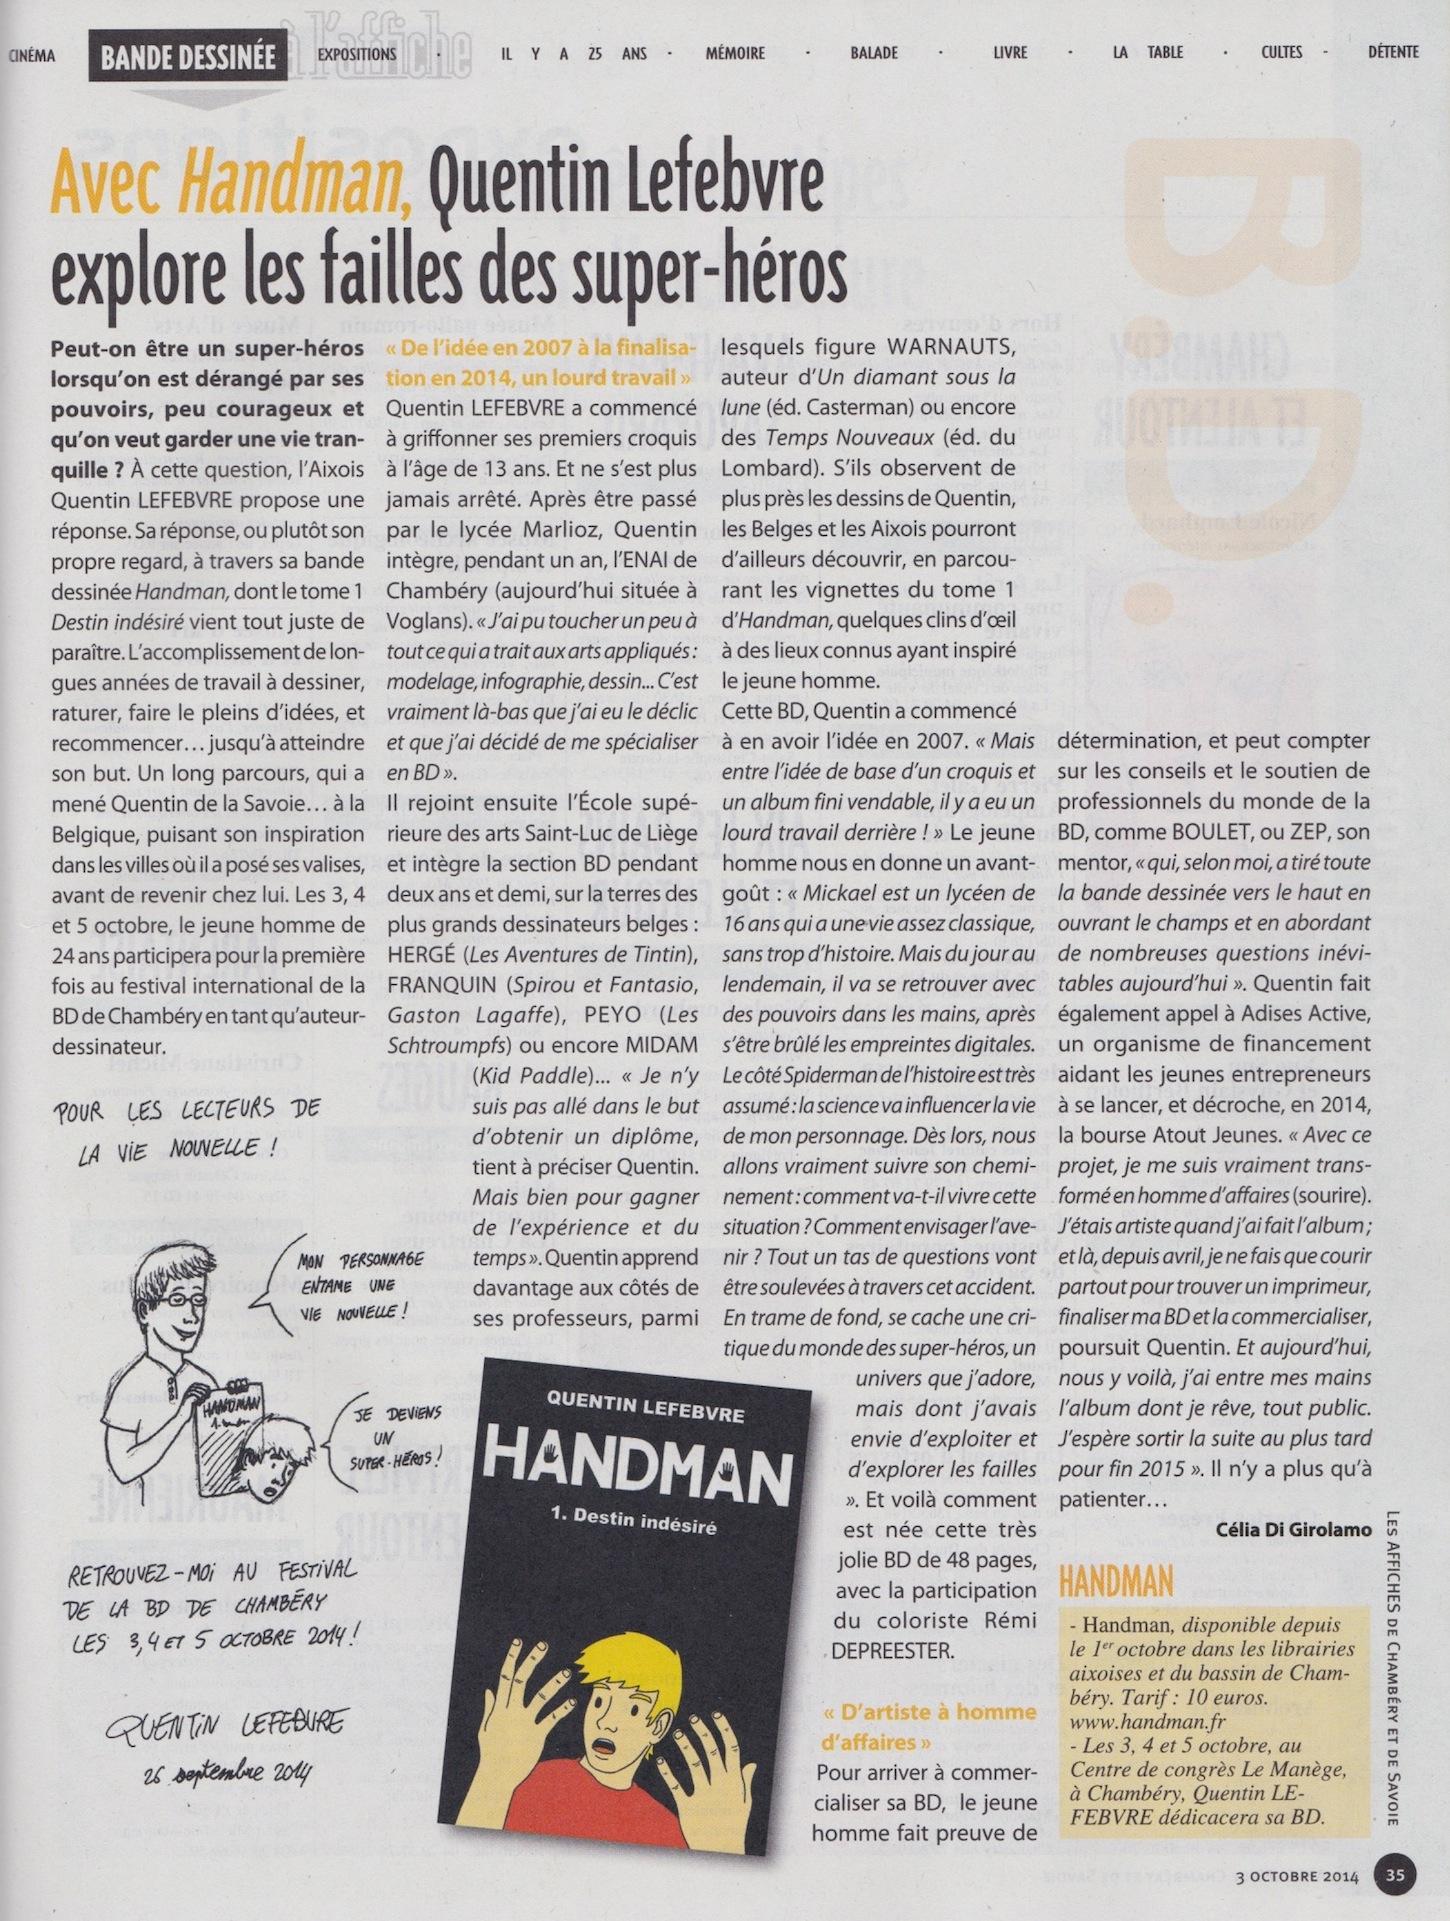 article de journal-la vie nouvelle du 3octobre2014 parle de handman